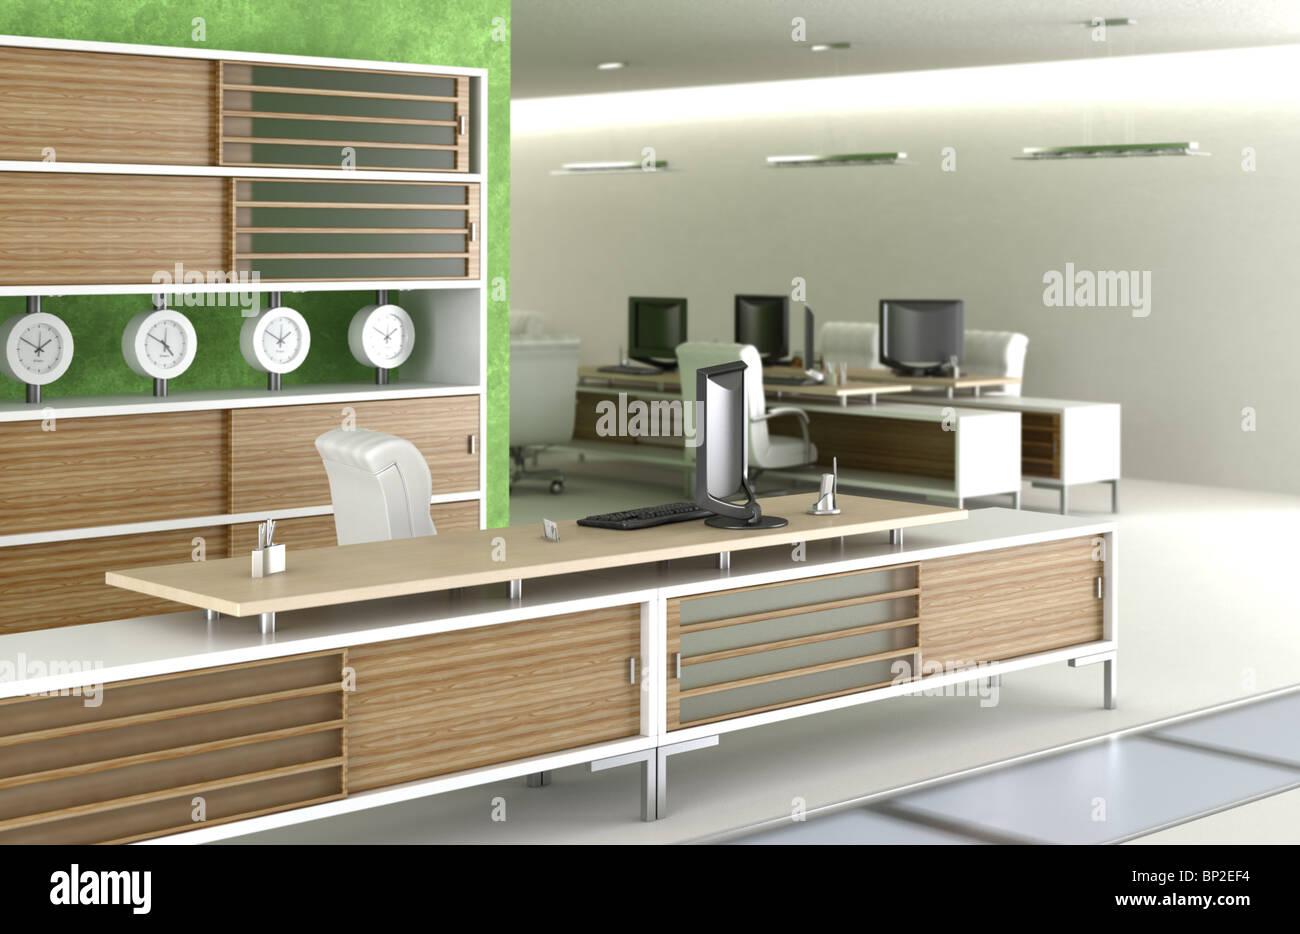 Scène d d un environnement de bureau moderne en bois blanc et